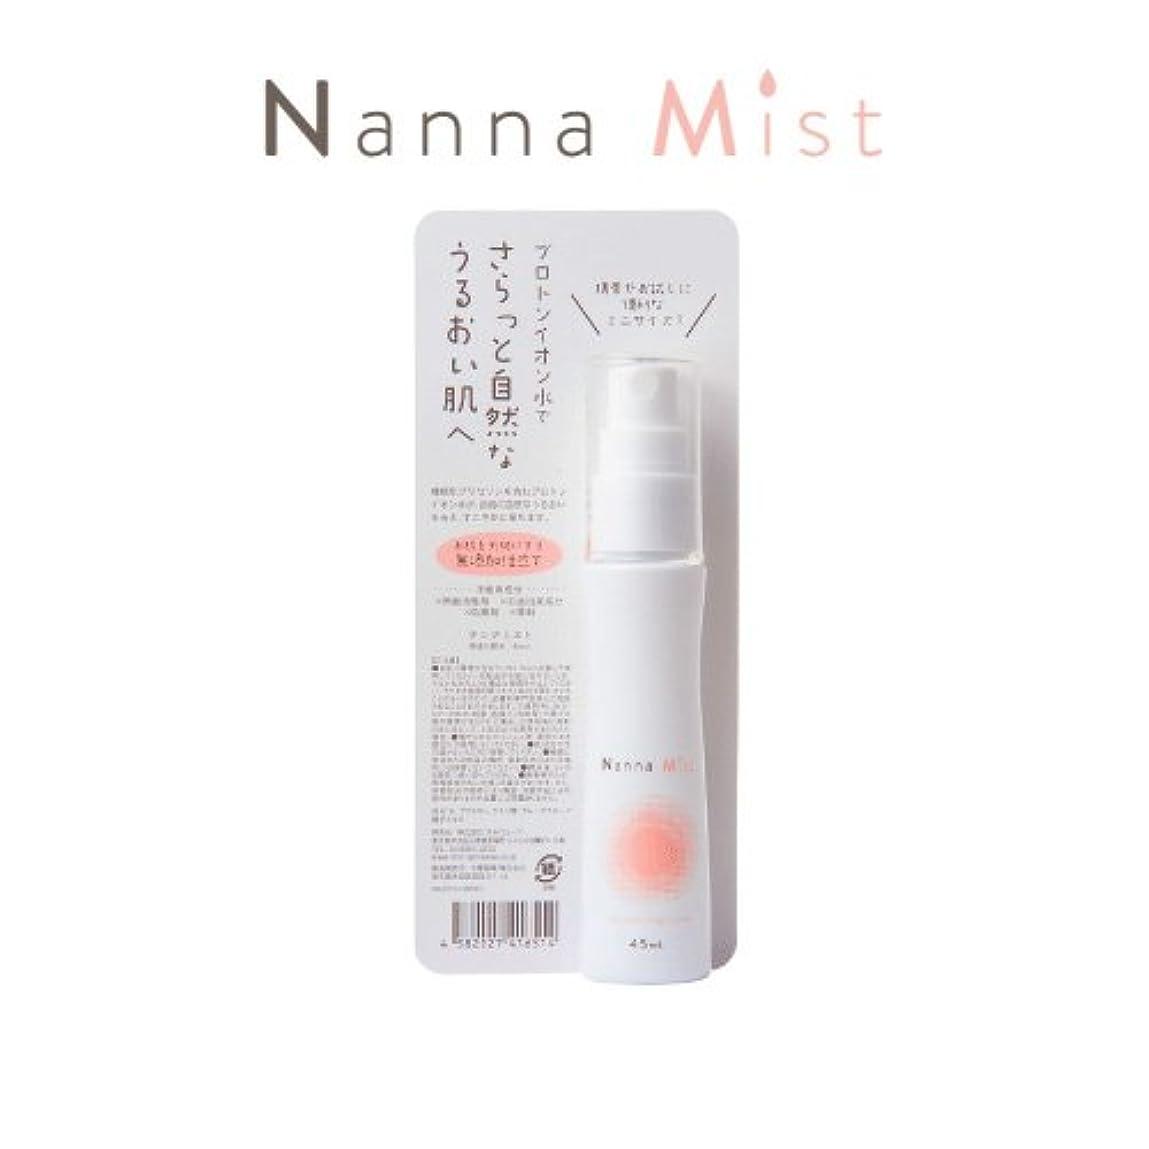 相対性理論ホイットニー寺院ナンナミスト-Nanna Mist- (保湿化粧水) 45ml 〔携帯用〕